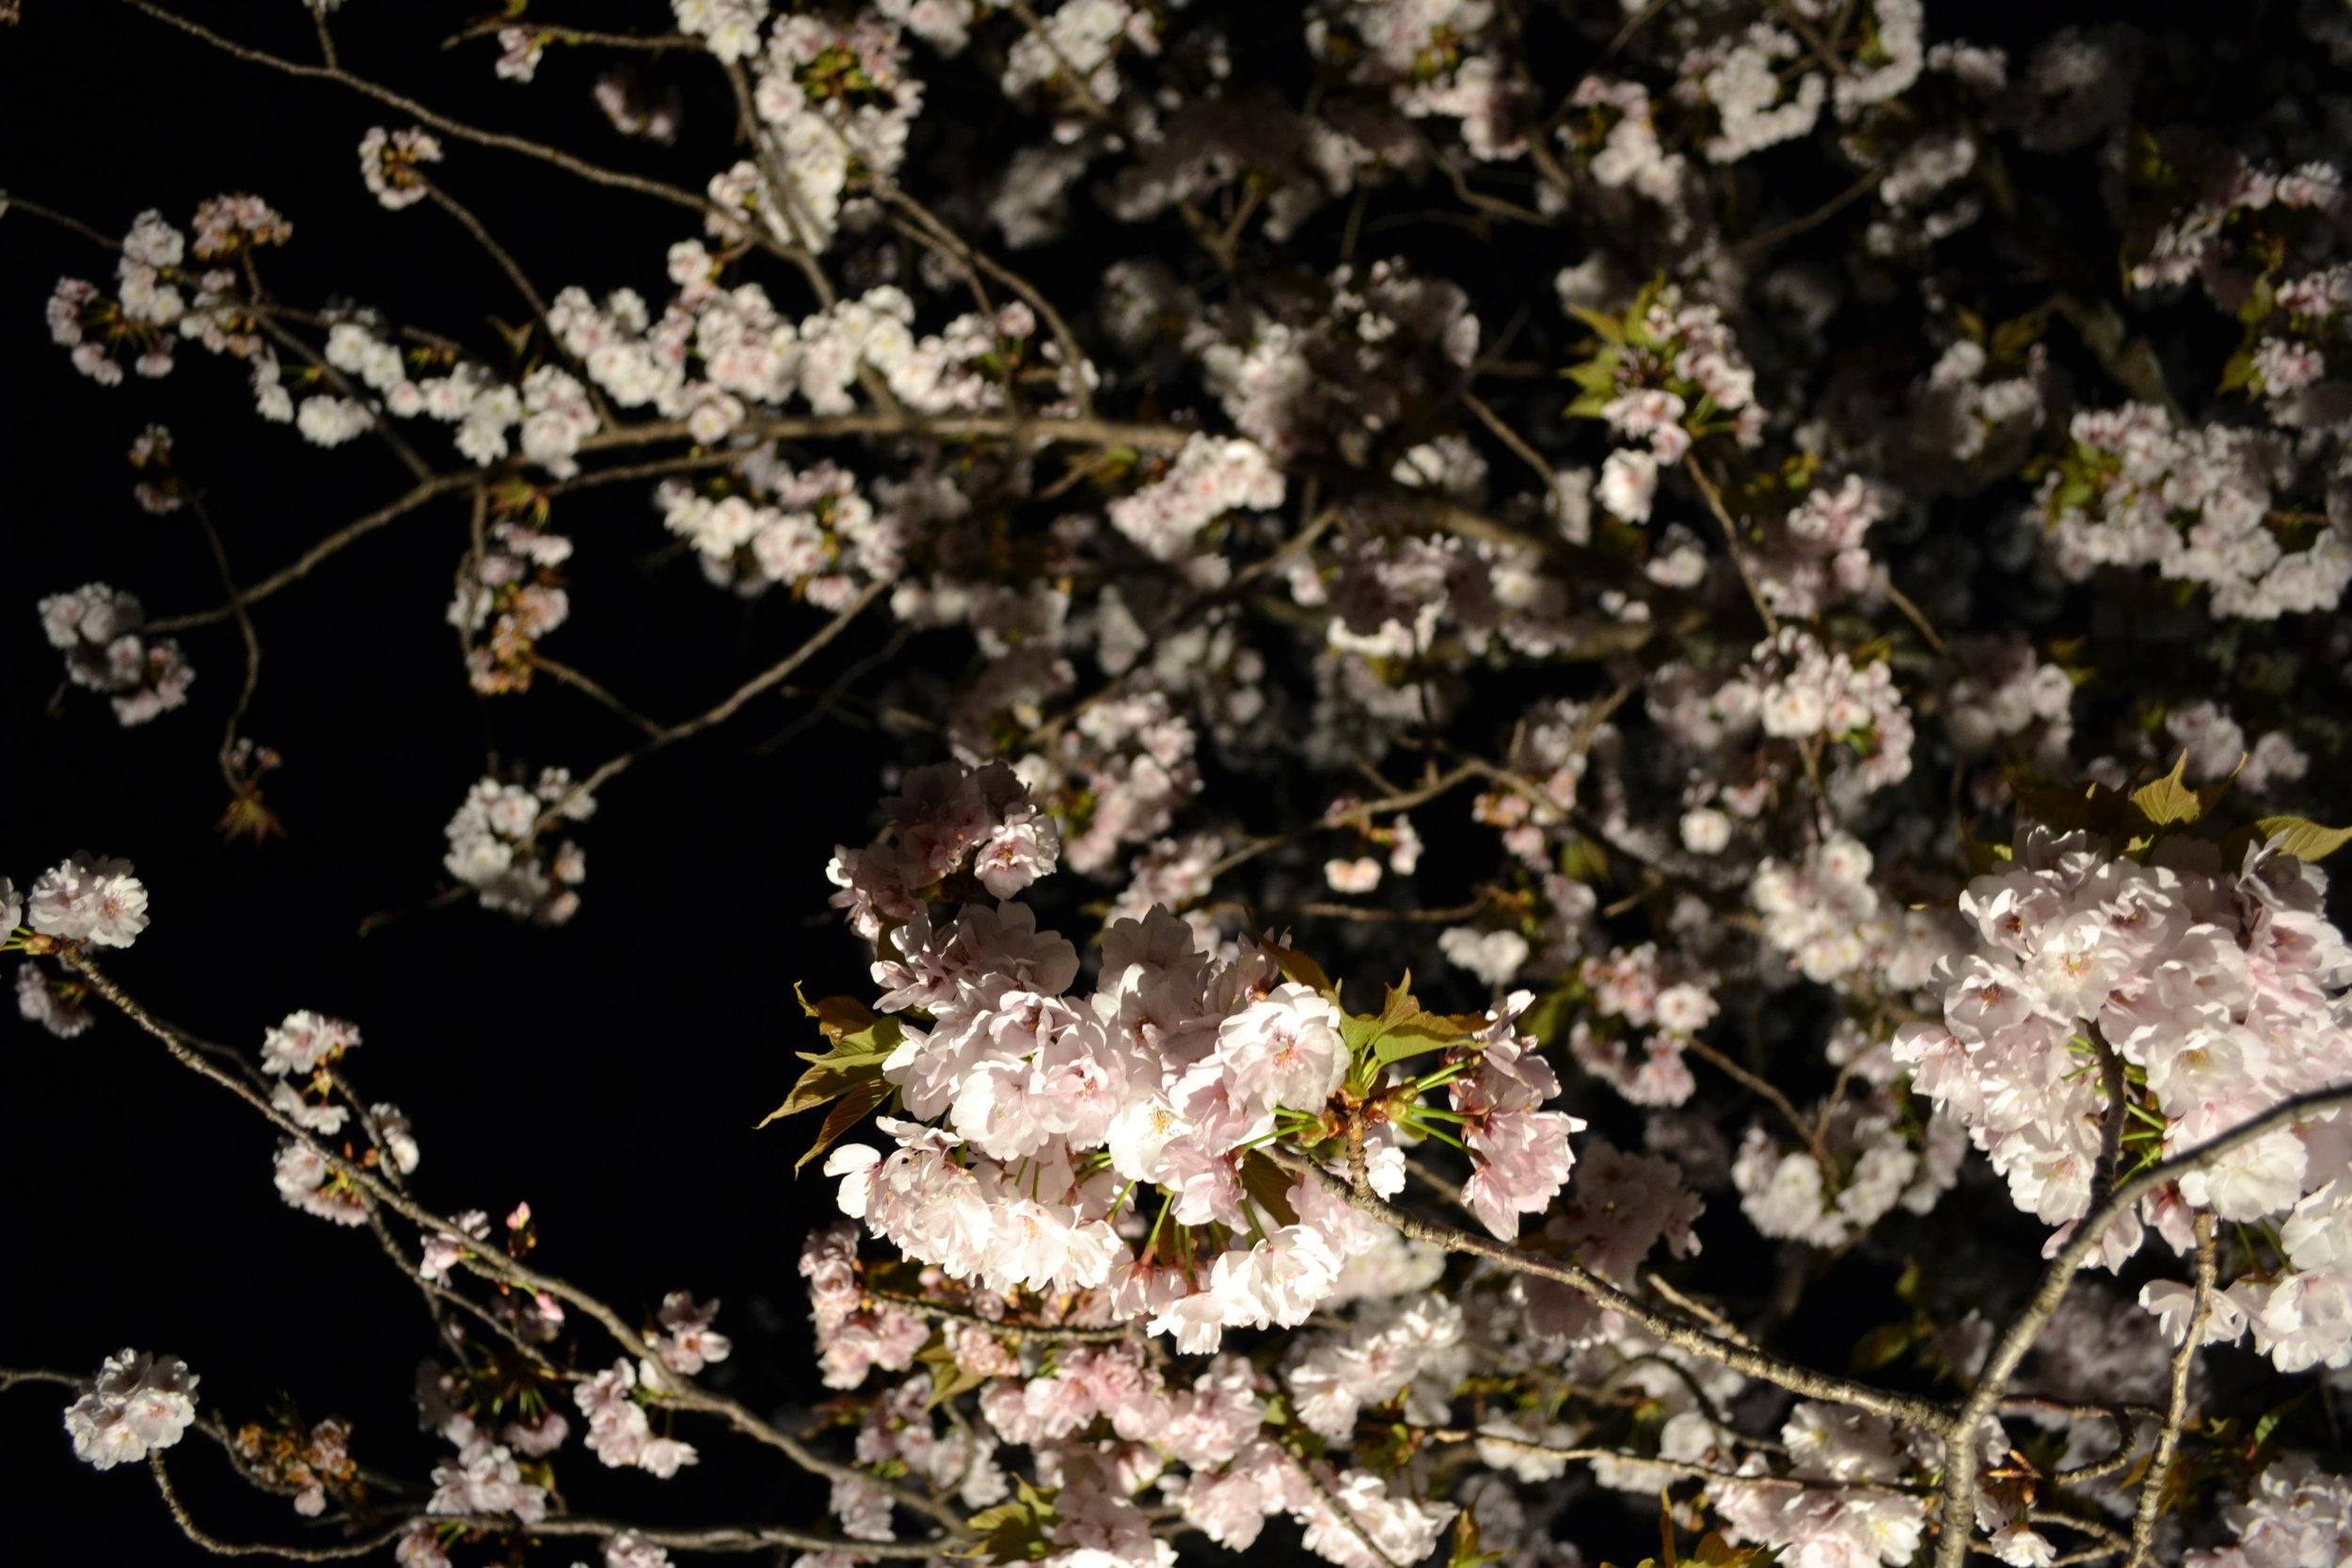 Una foto enfocada en los flores  sakuras.